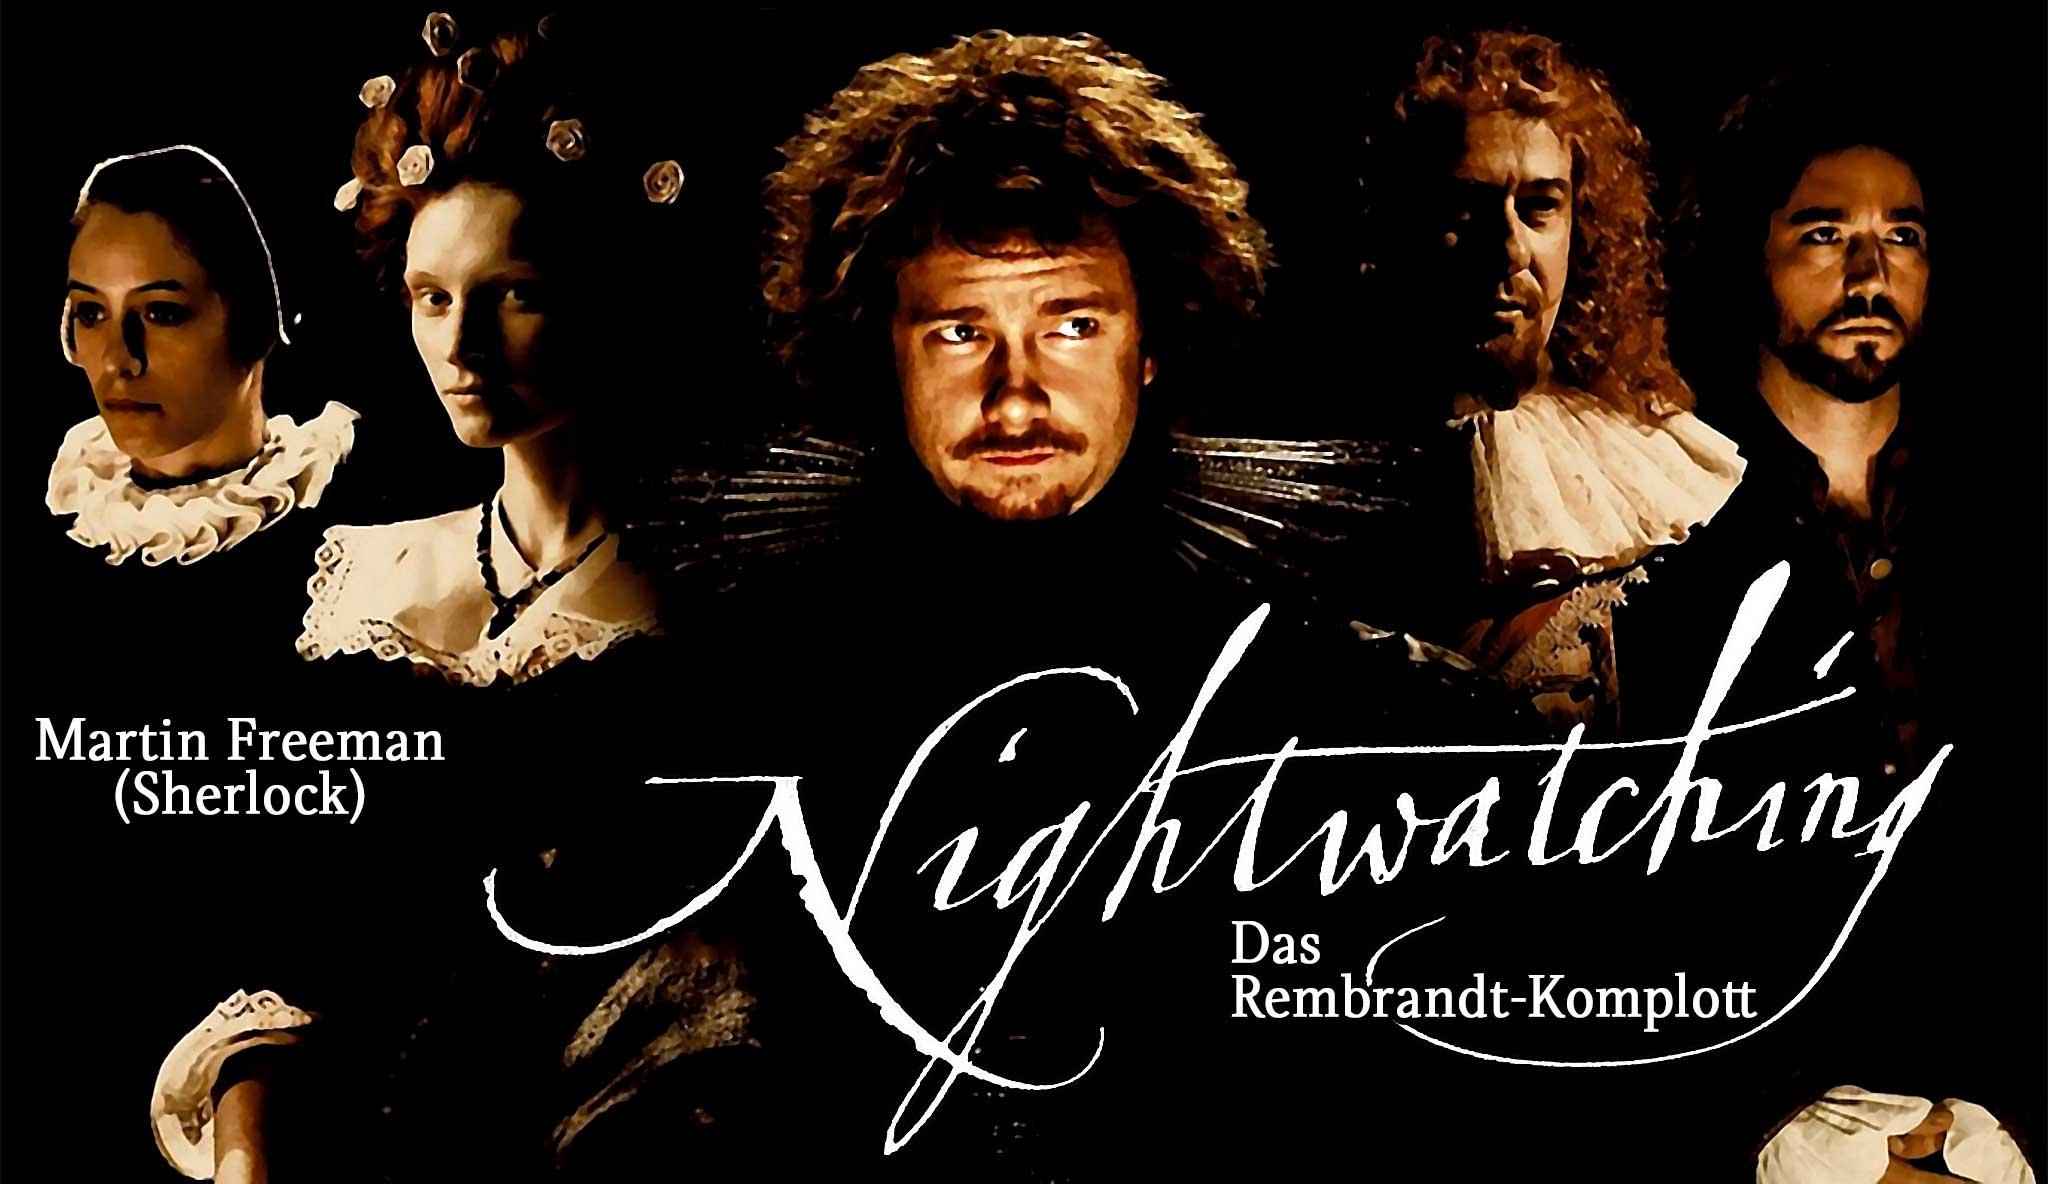 nightwatching-das-rembrandt-komplott-2\header.jpg